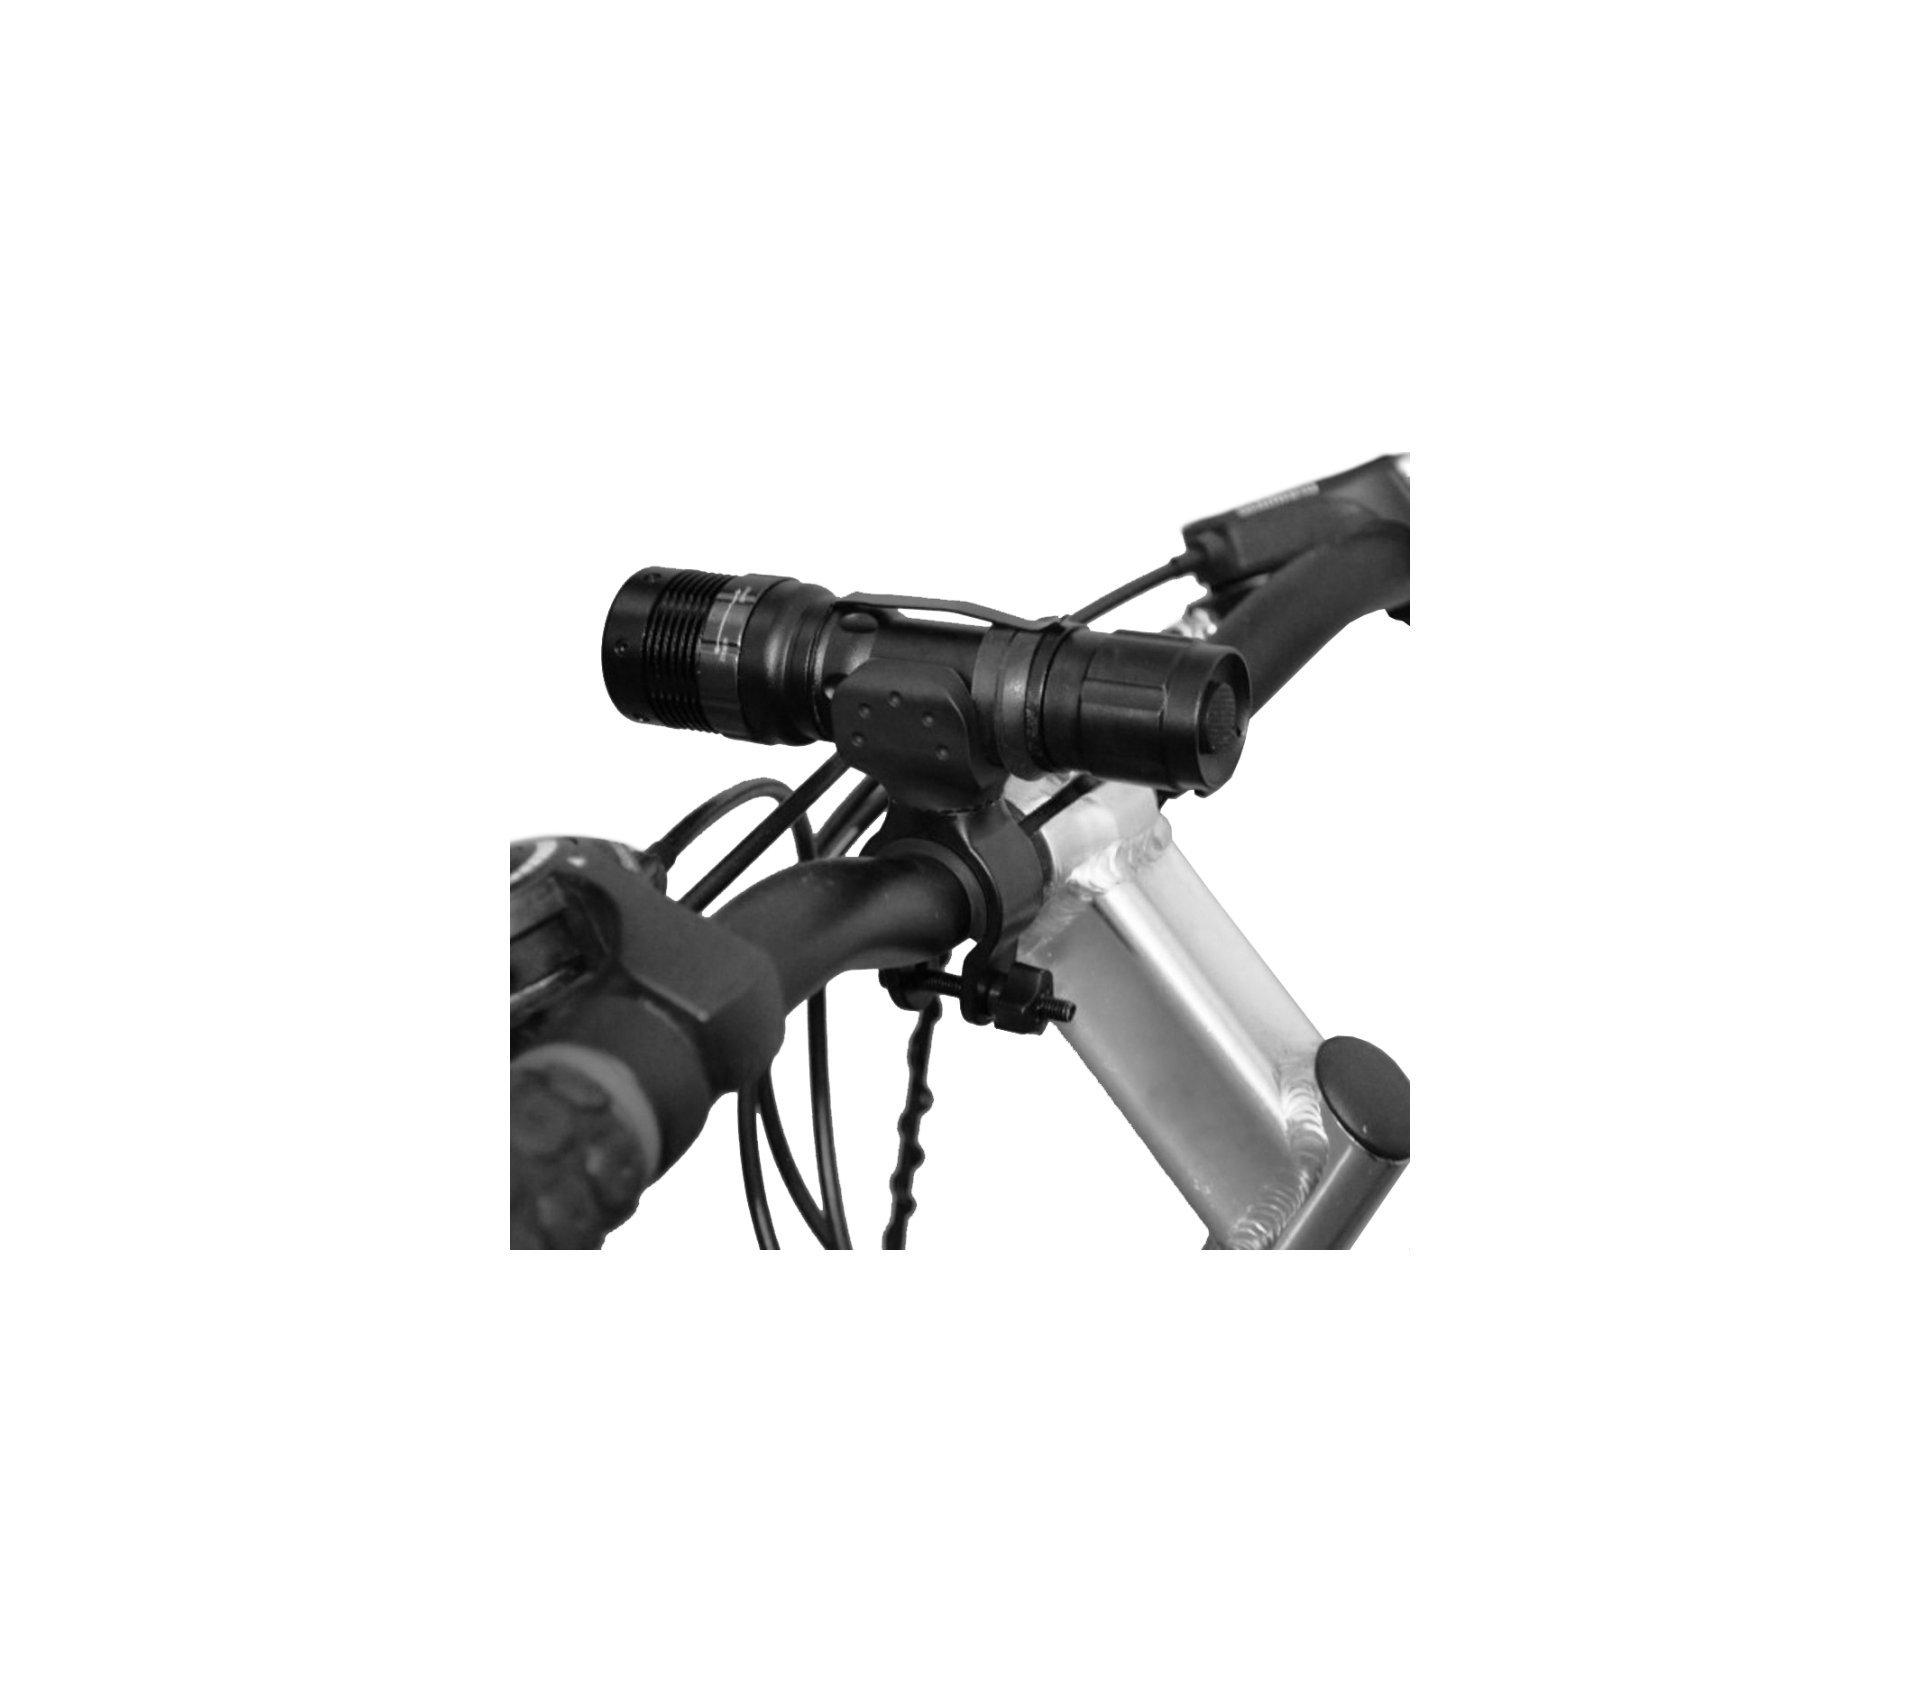 Suporte Giratório Para Lanterna - Bike E Carabina - Guepardo